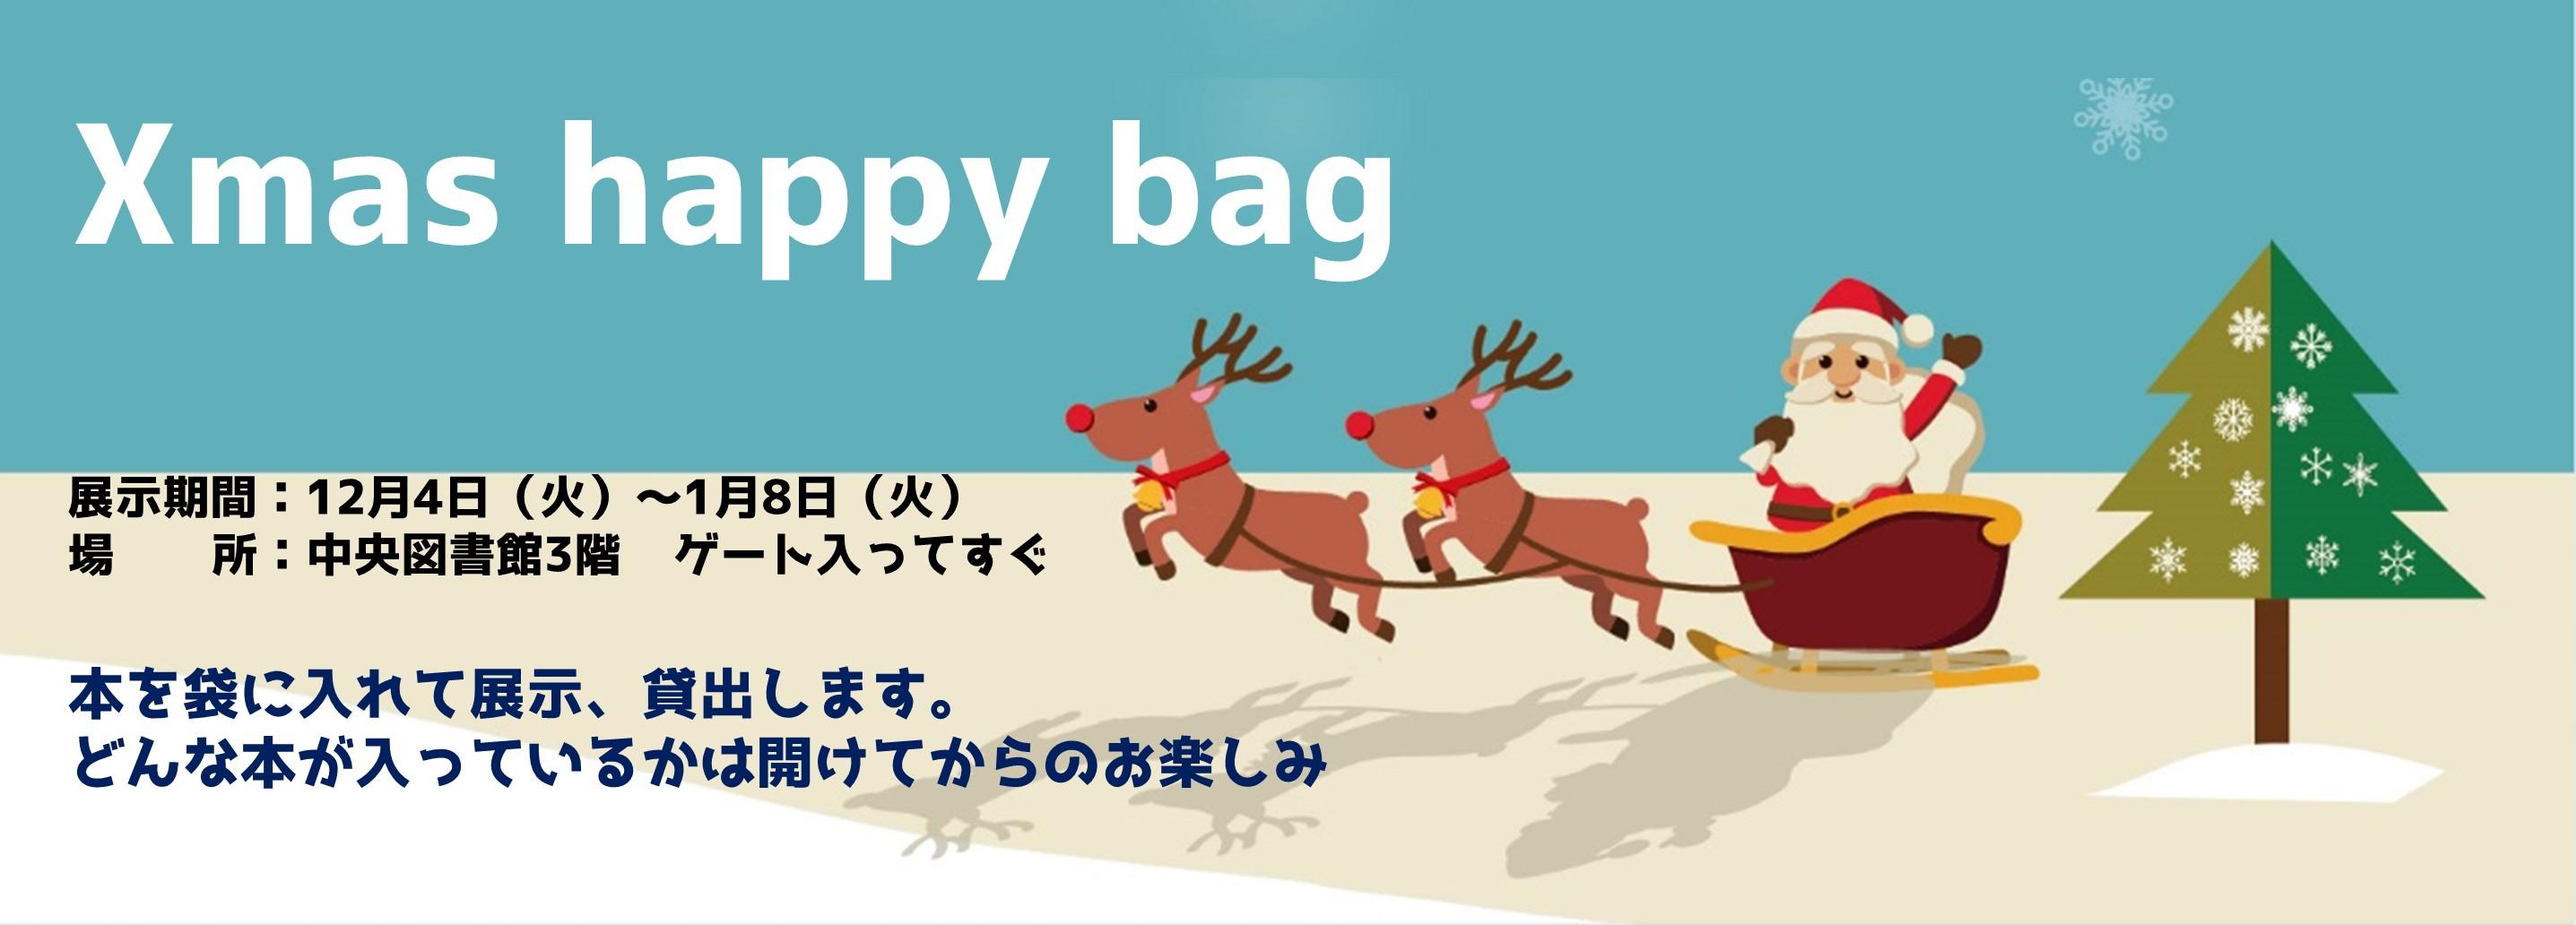 Xmas happy bag 2018